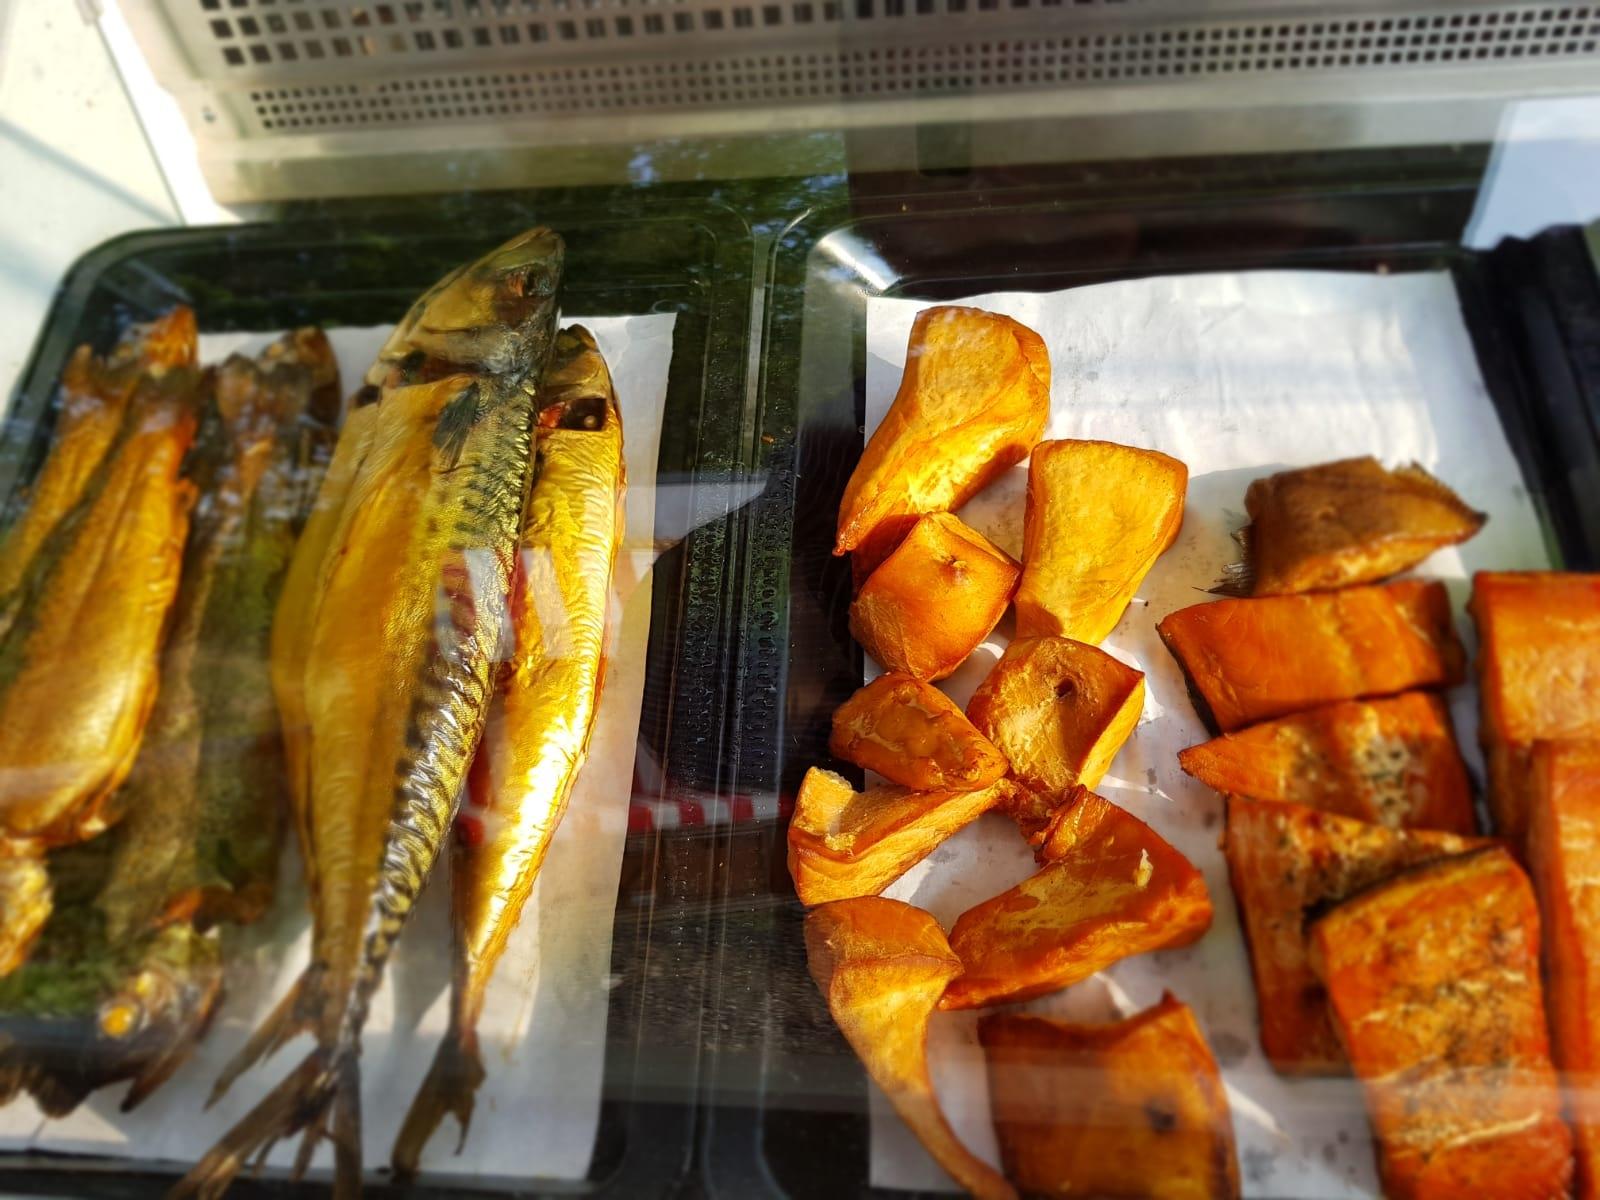 Forelle, Makrele, Buttermakrele und Stremellachs